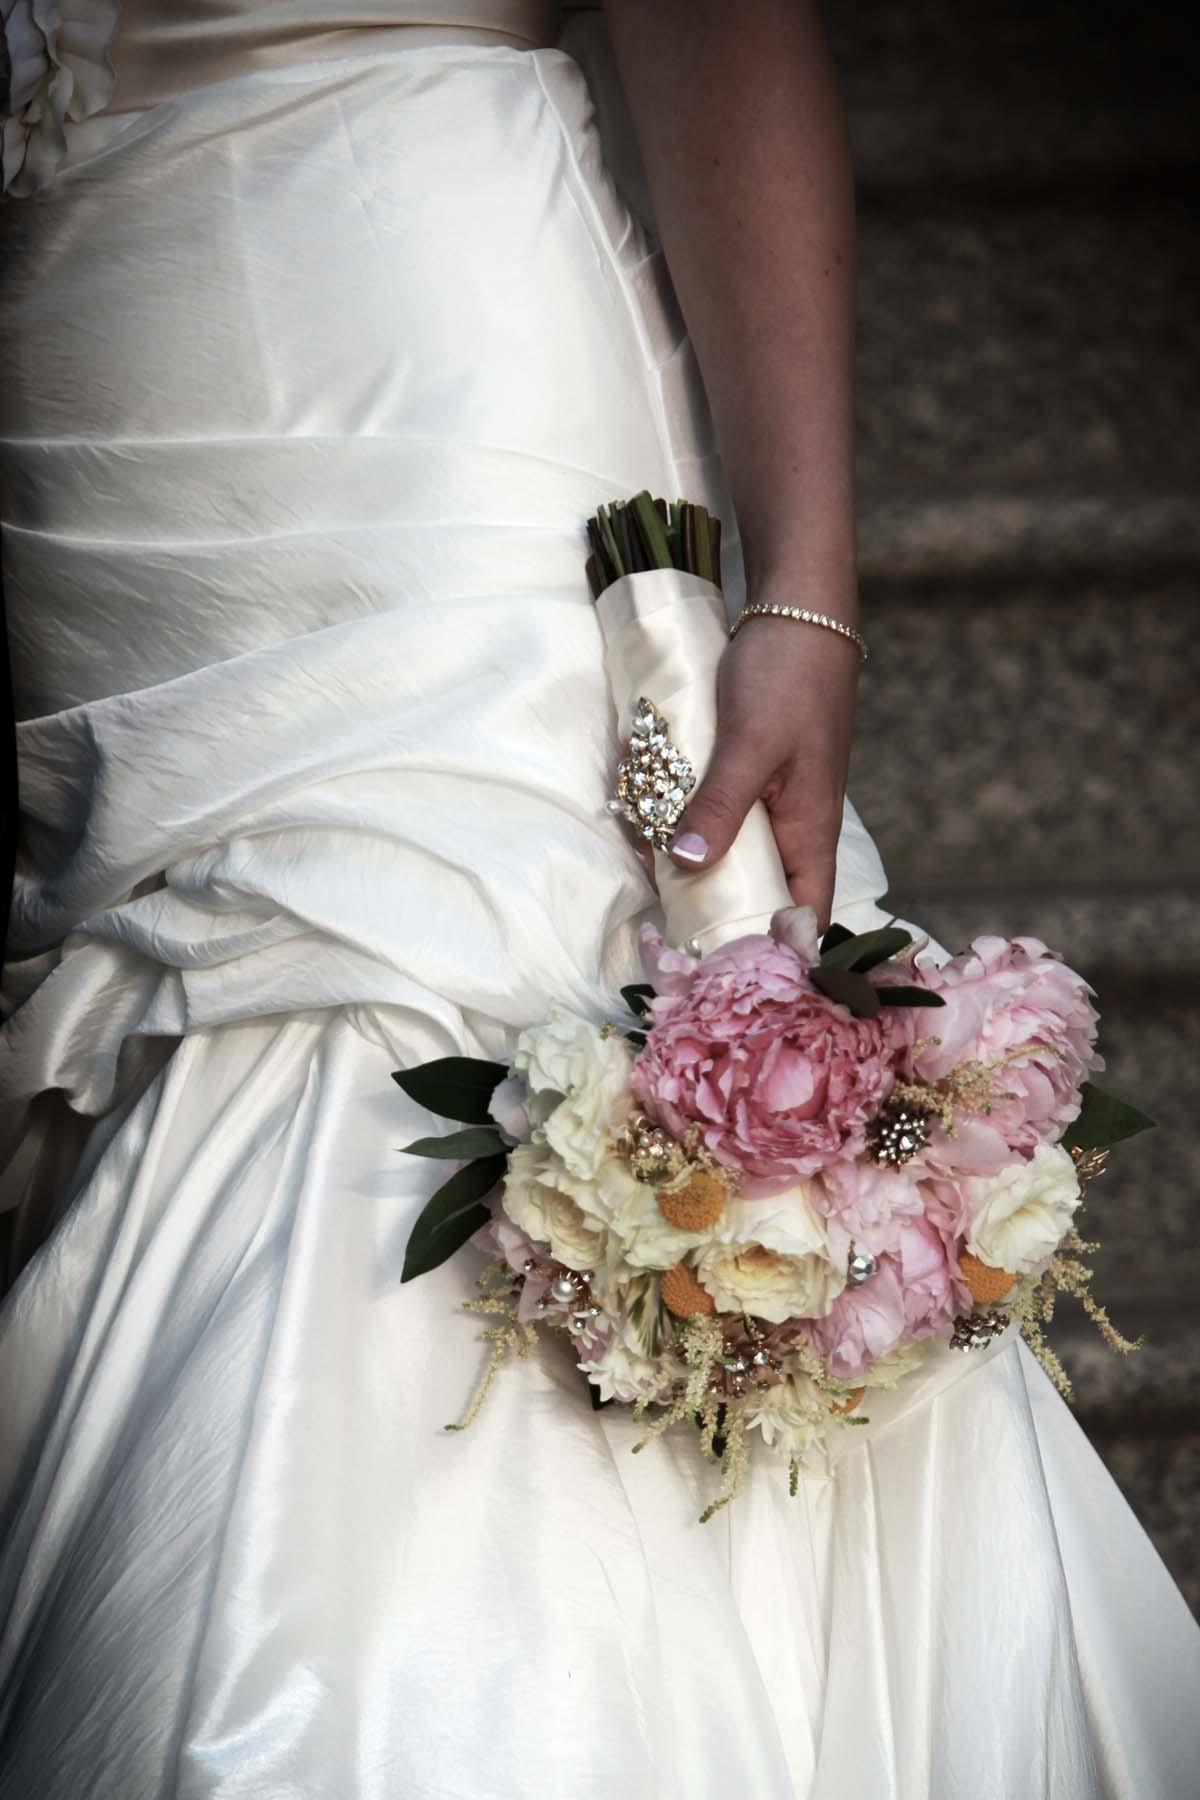 Sussex & Surrey Wedding Photographer - Details (10)